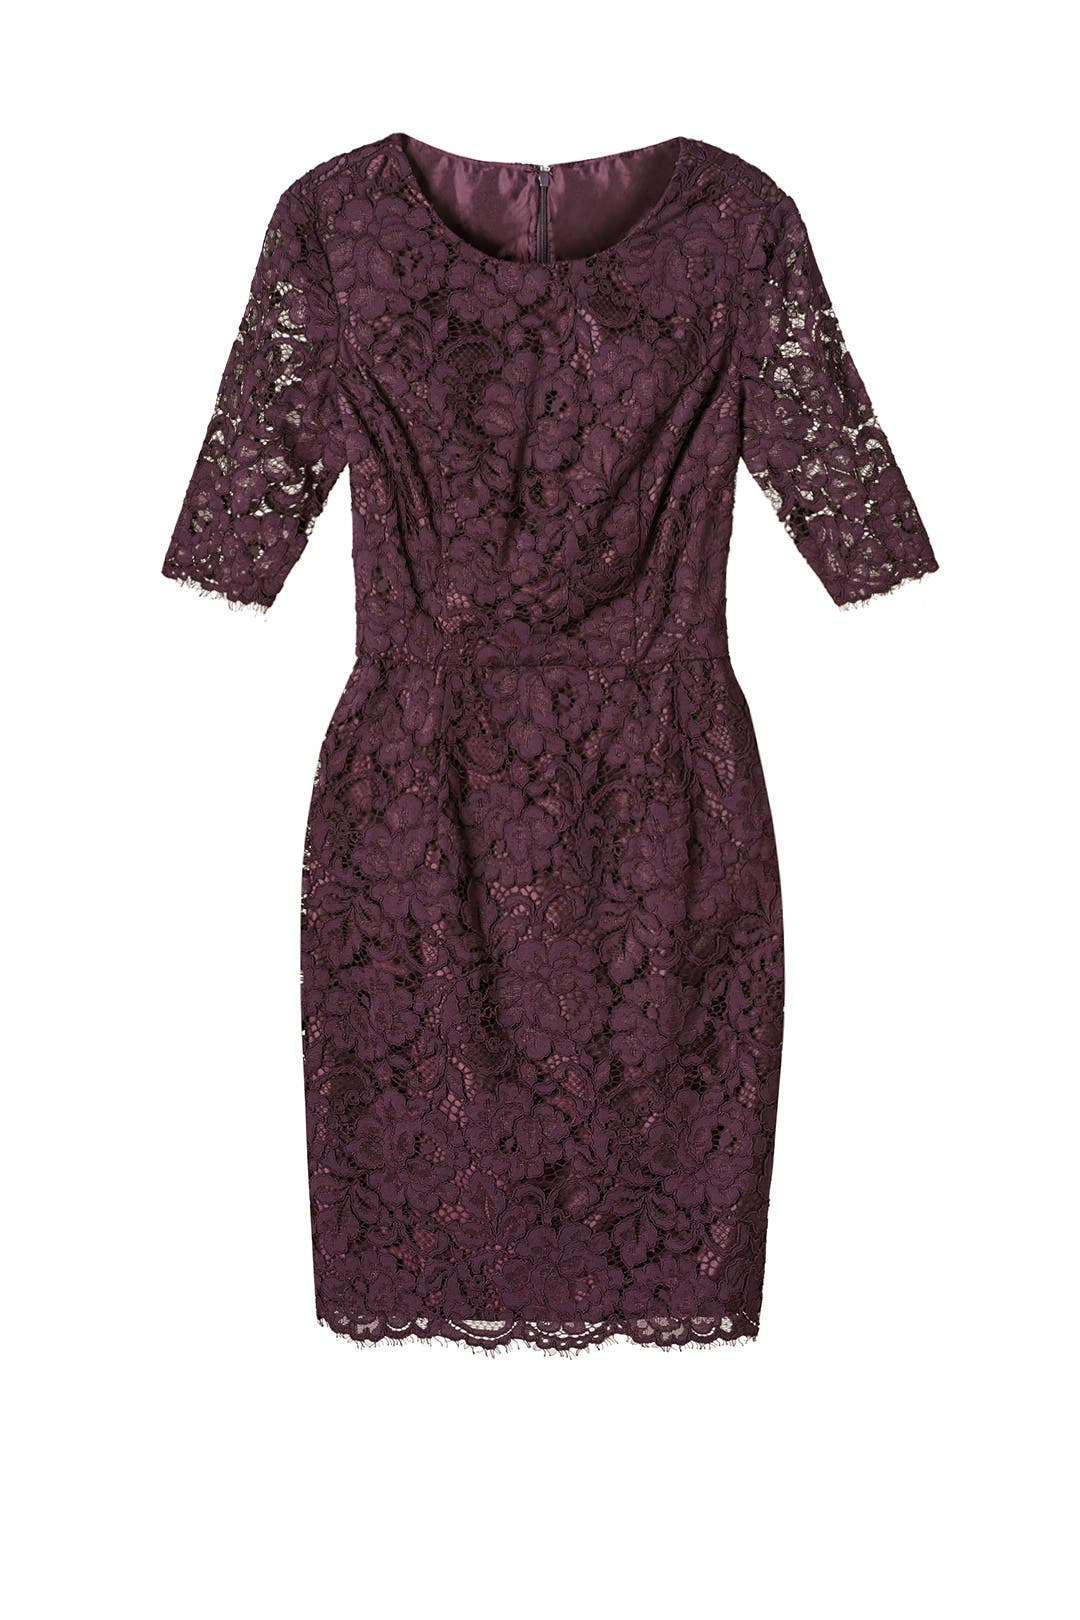 Davina Dress by Shoshanna